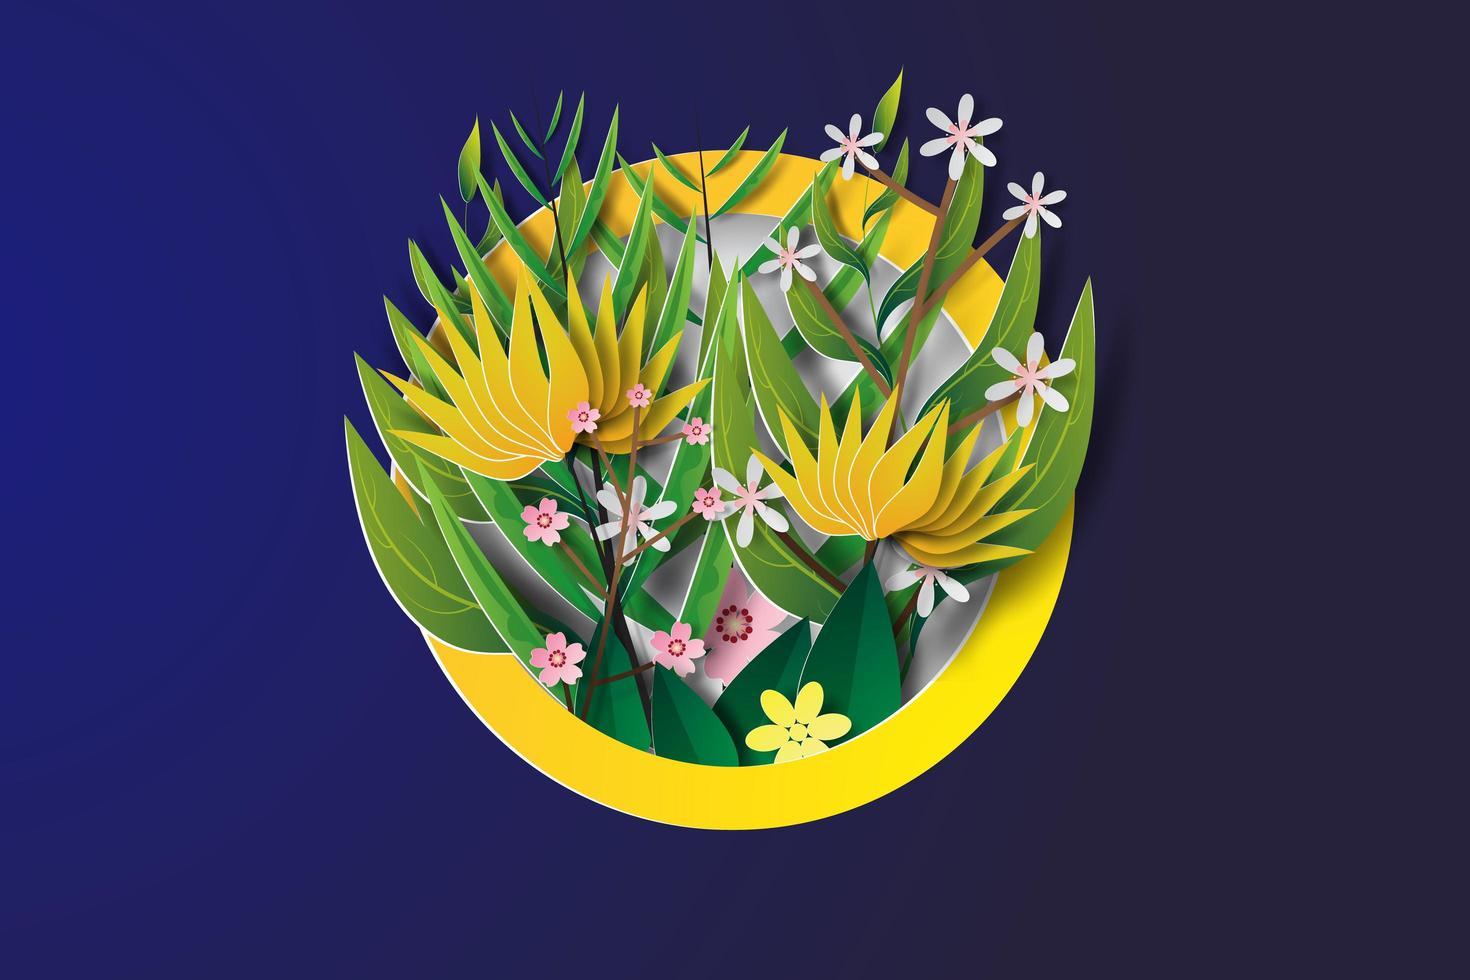 arte di carta del collage di fiori in cerchio vettore